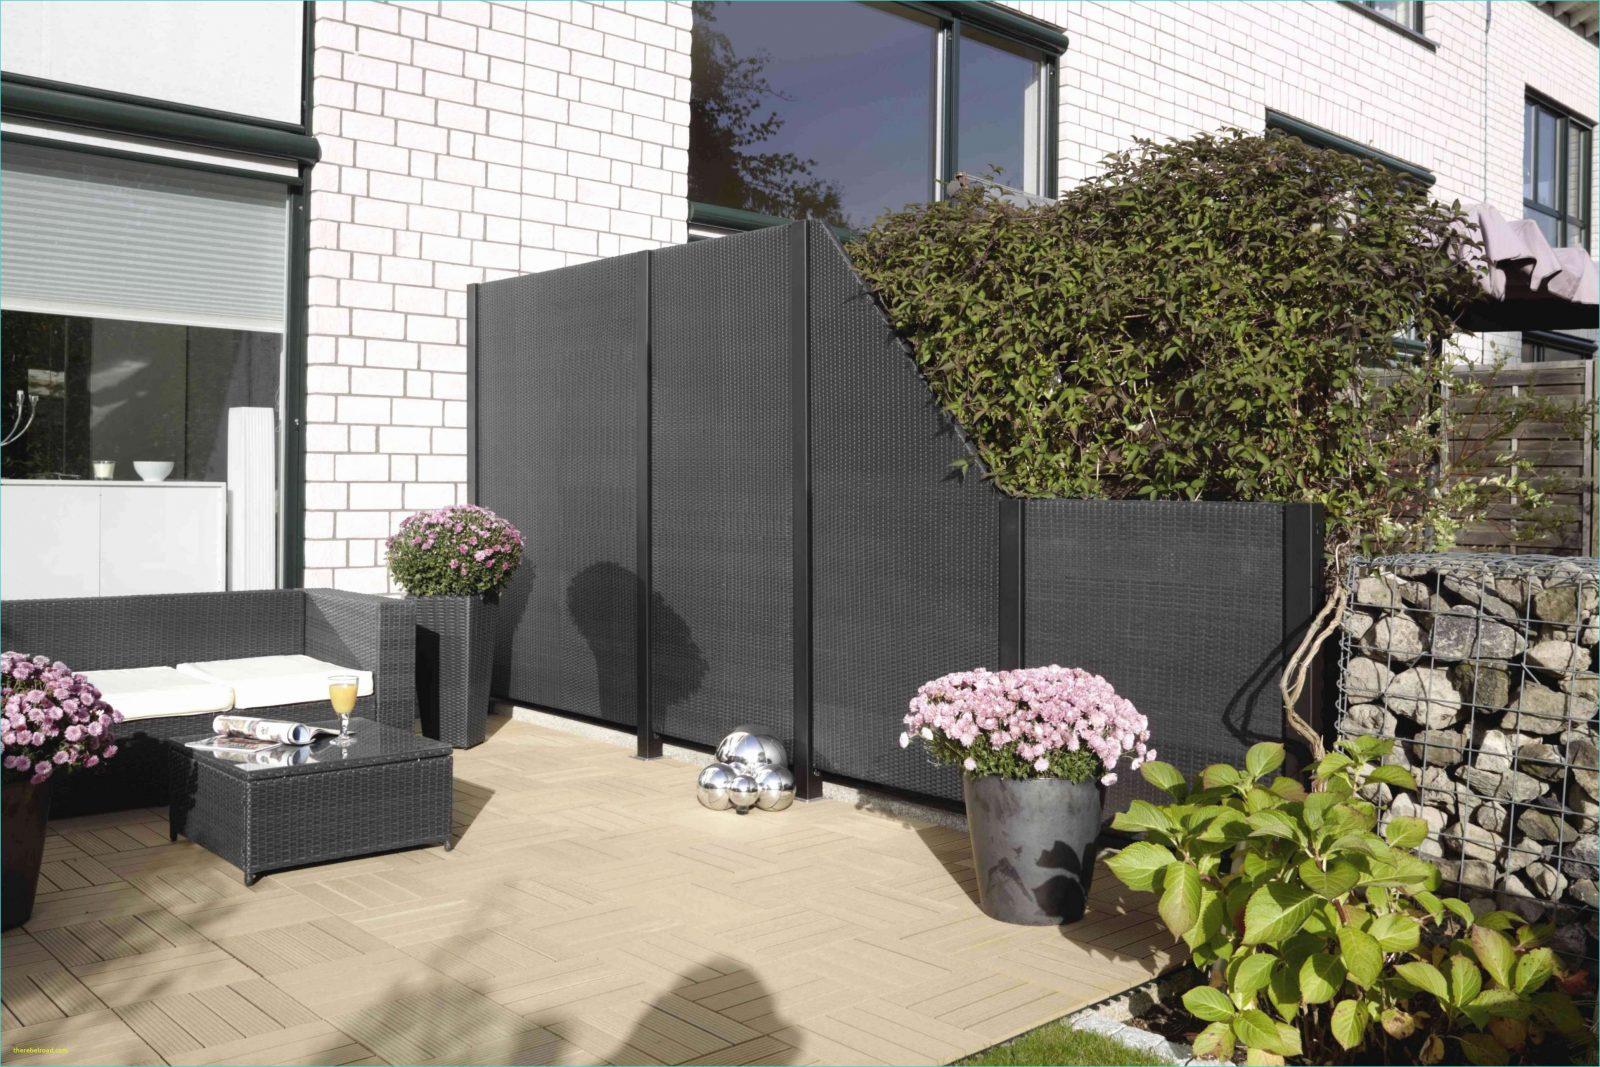 42 Schön Terrasse Pflanzen Sichtschutz Stock  Komplette Ideen von Pflanzen Als Sichtschutz Terrasse Bild